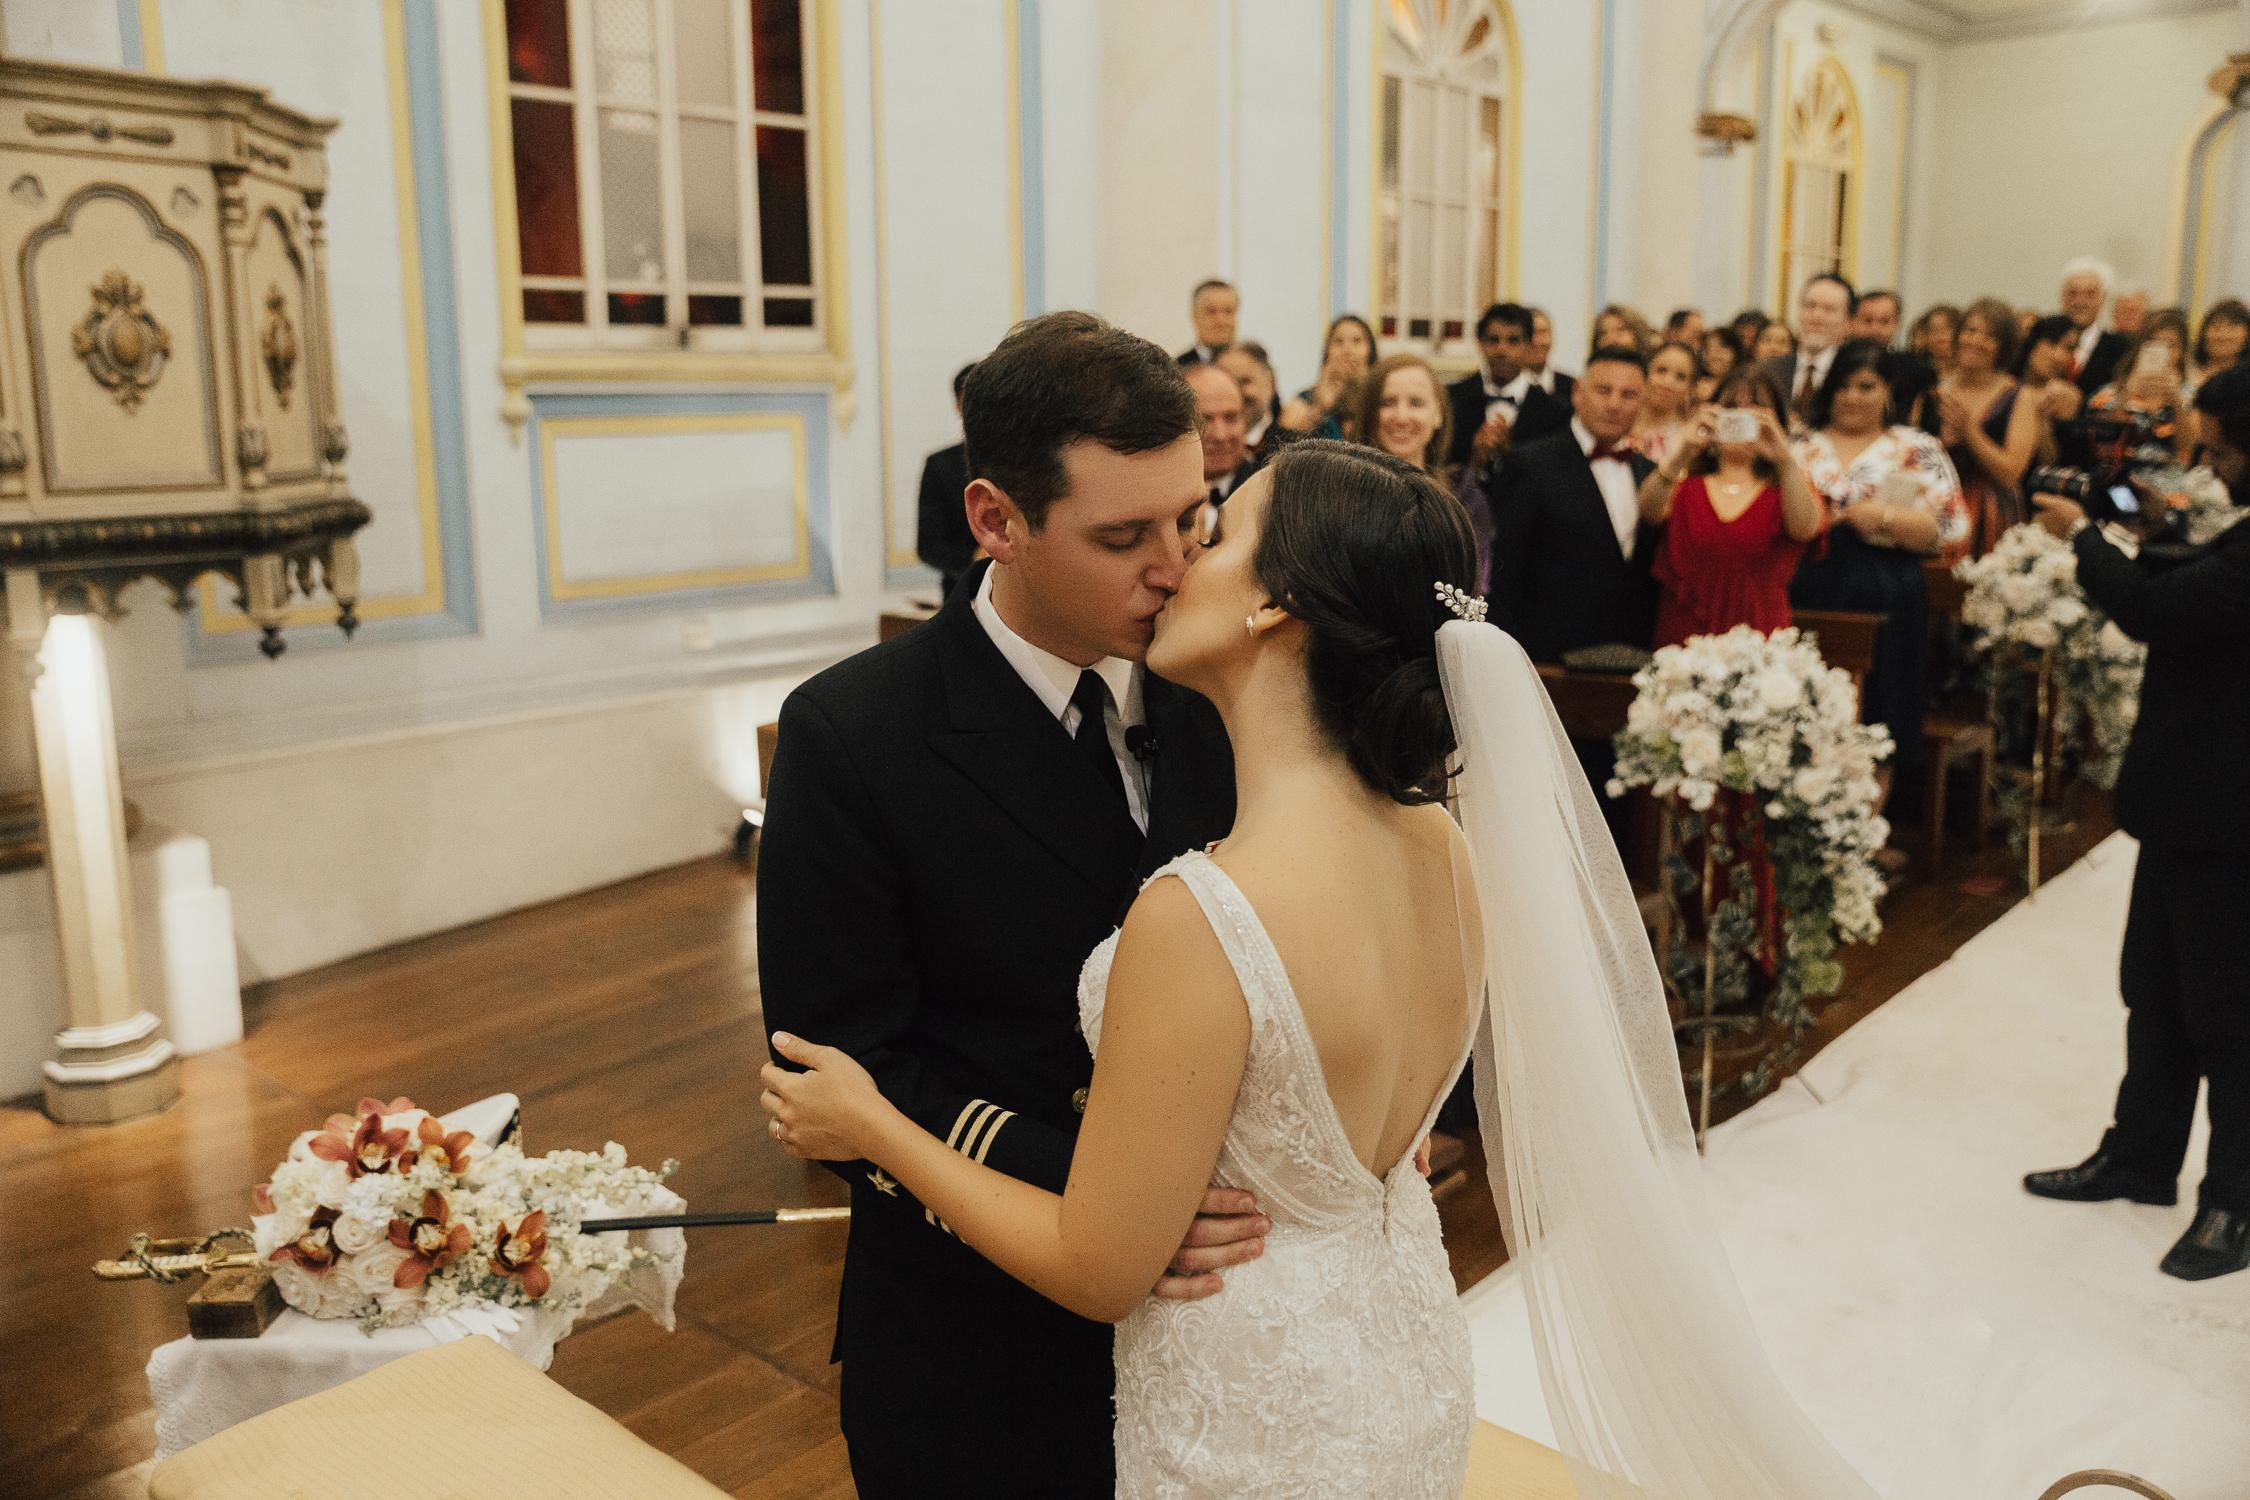 Michelle-Agurto-Fotografia-Bodas-Ecuador-Destination-Wedding-Photographer-Ecuador-Mercedes-Alvaro-86.JPG